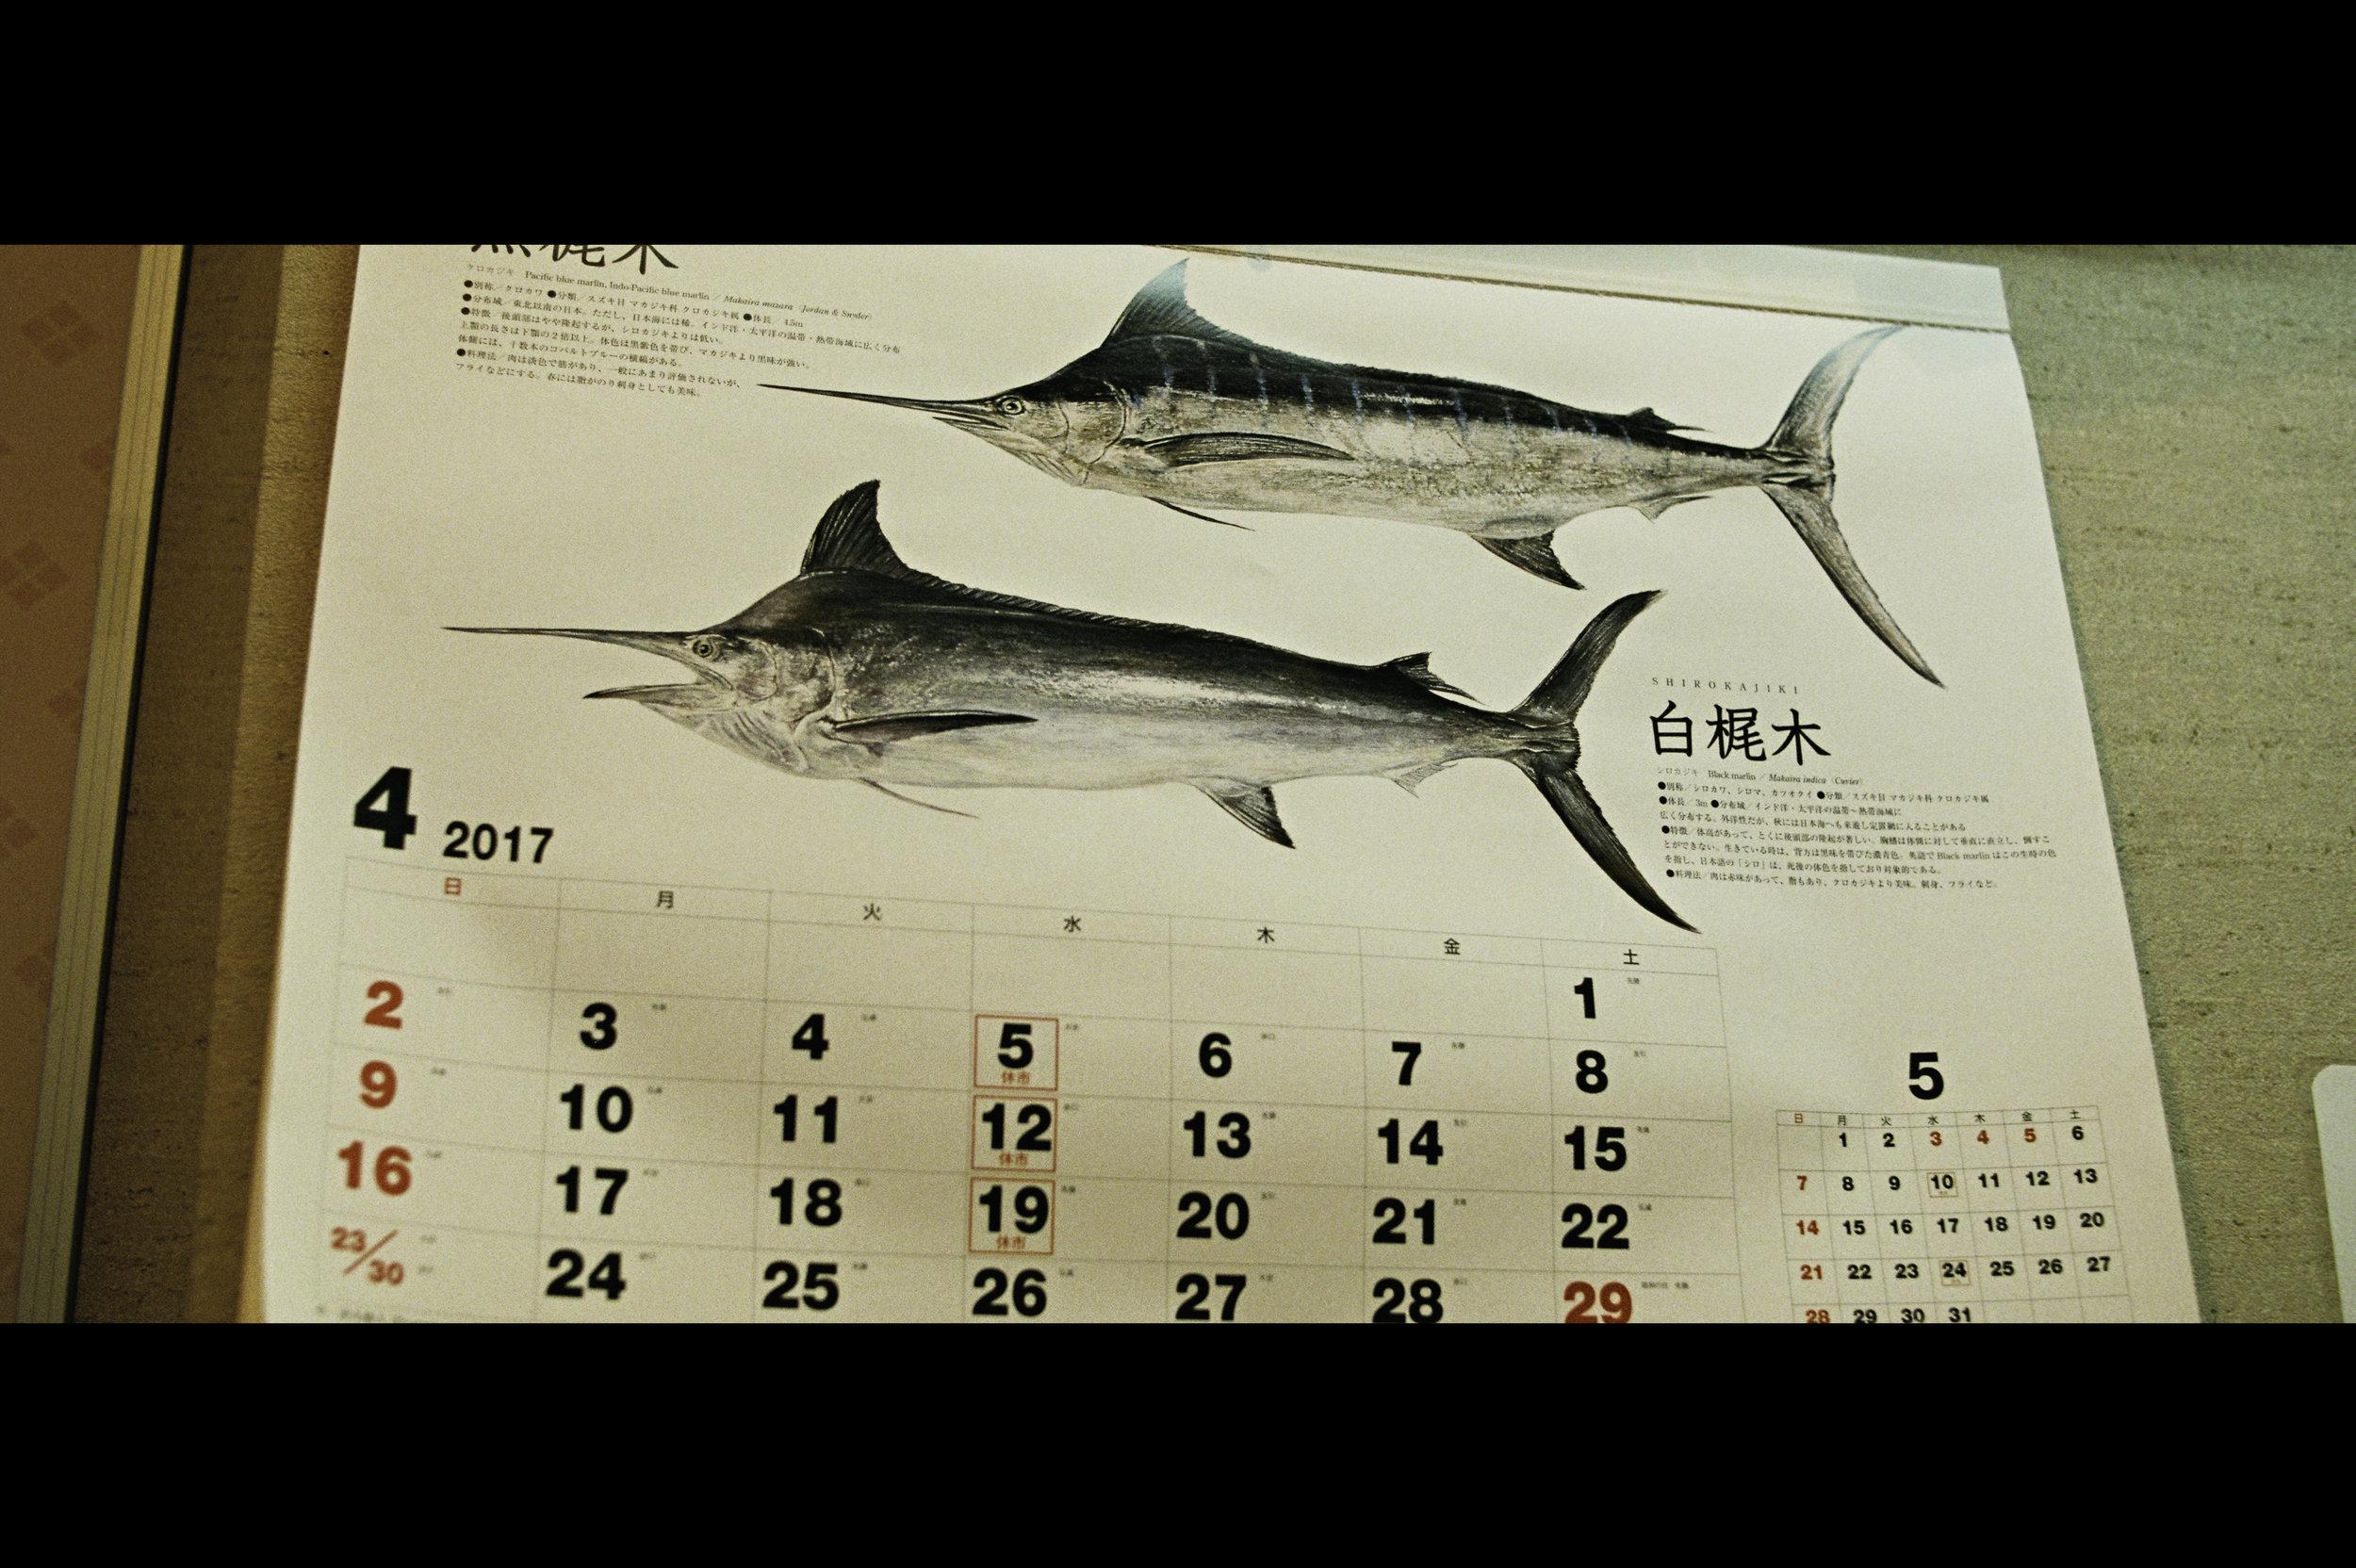 marlin-sword-fish-calendar-may-2017